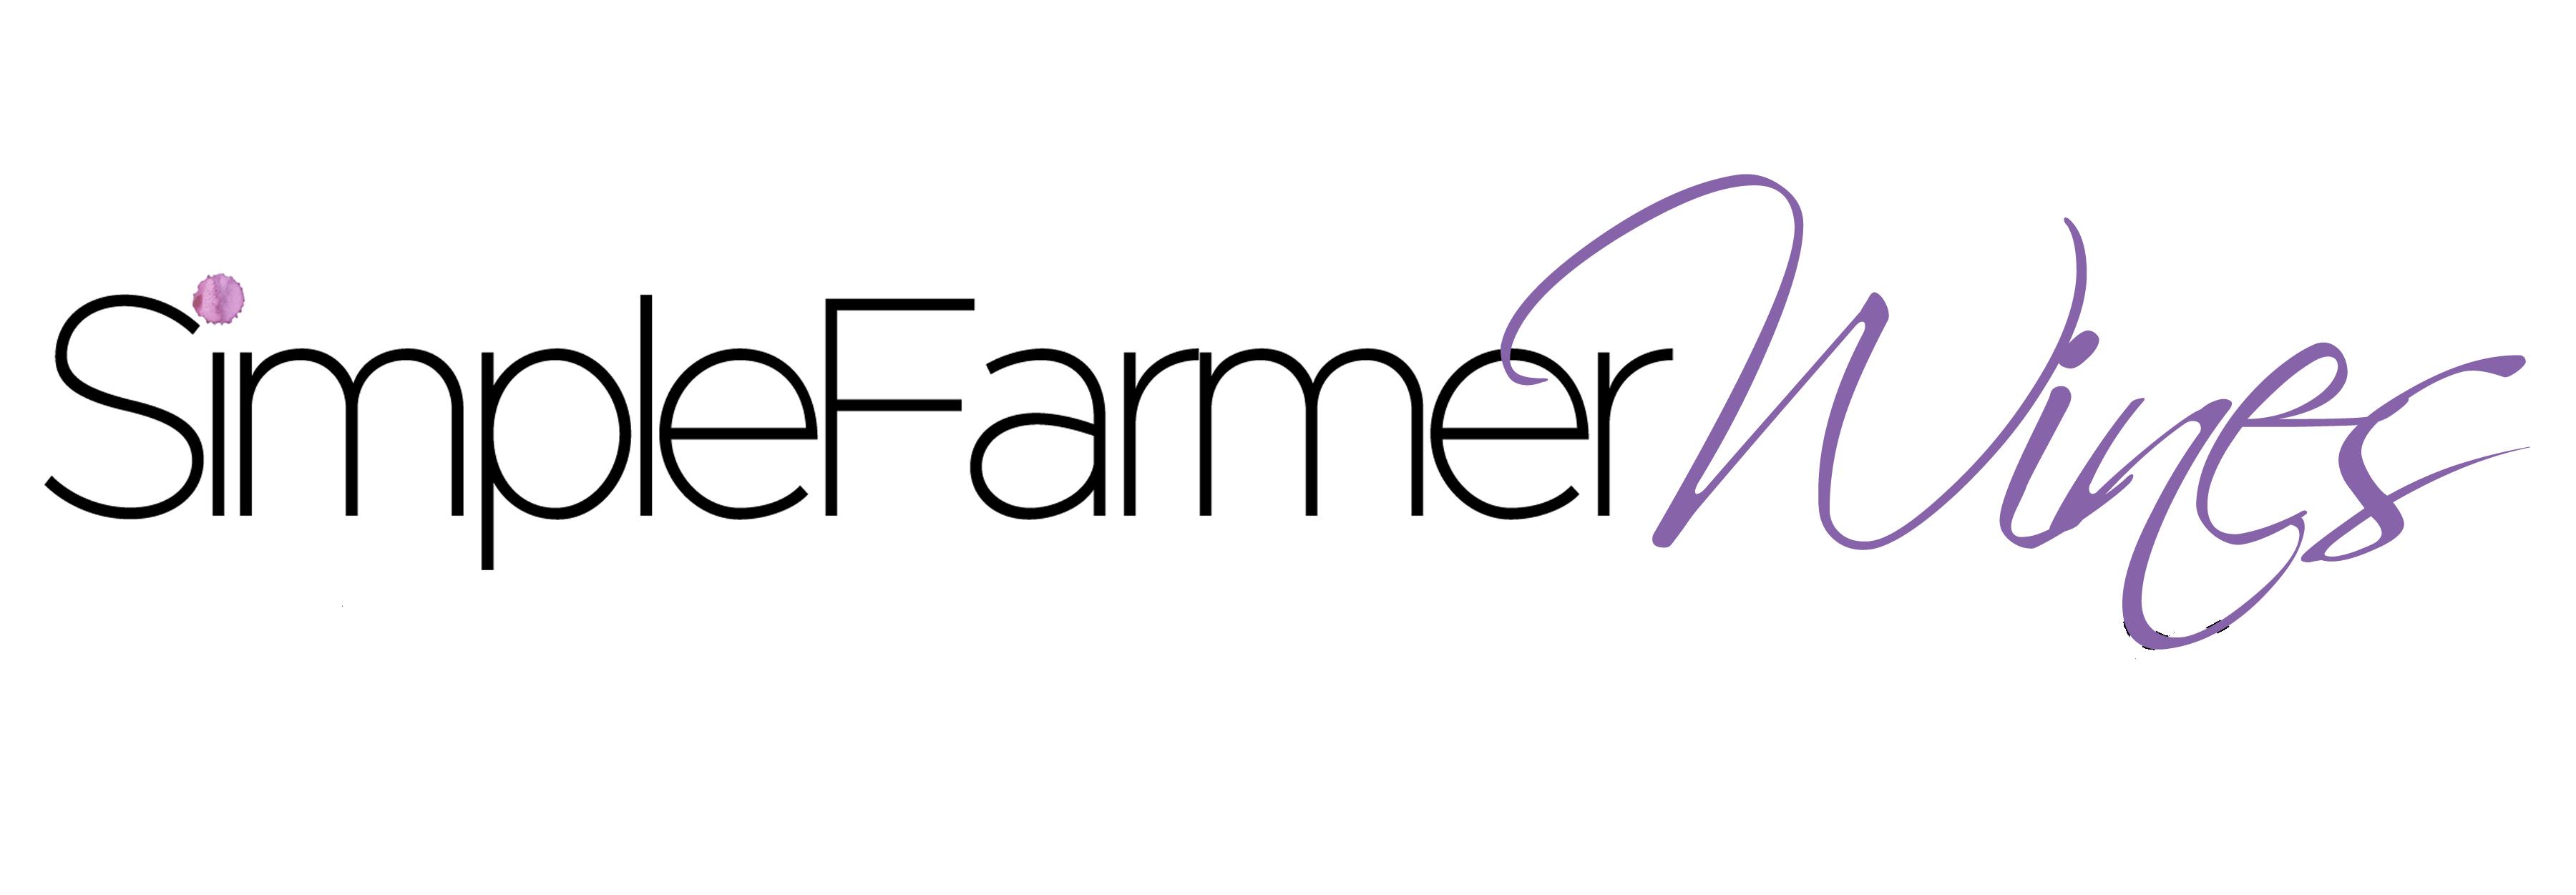 Simple Farmer Wines